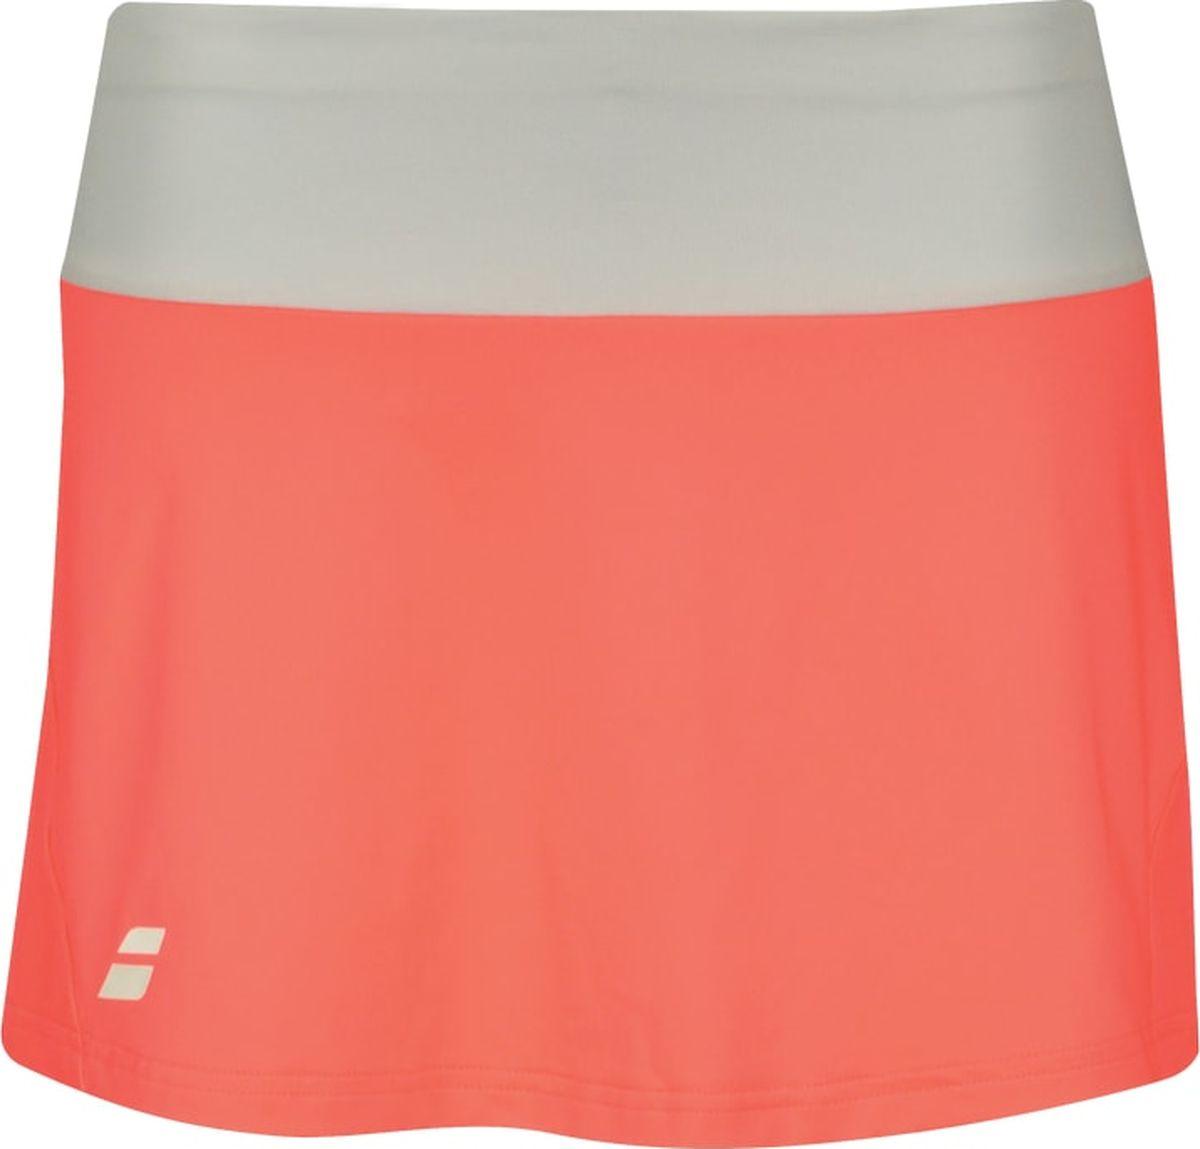 Юбка женская Babolat Core, цвет: оранжевый. 3WS18081-5005. Размер XS (44)3WS18081-5005Ткань с полиэстером Fiber-Dry очень легкая и мягкая на ощупь. За этой тканью легко ухаживать, она позволяет самое интенсивное использование и очень износостойкая как во время тренировок, так и на соревнованиях.